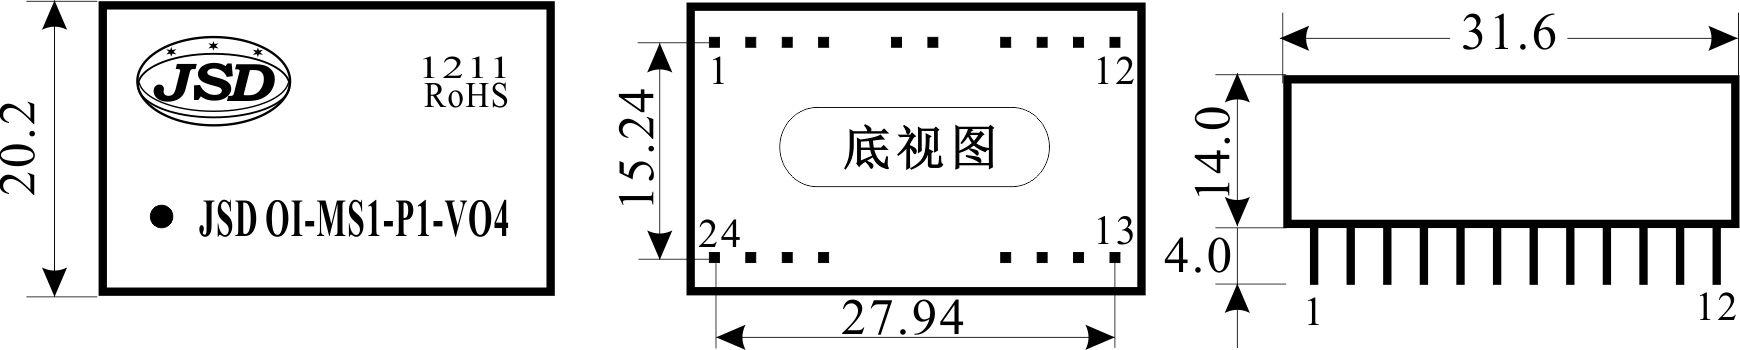 模拟量小信号隔离放大器(光耦隔离系列)封装尺寸图(dip24脚)